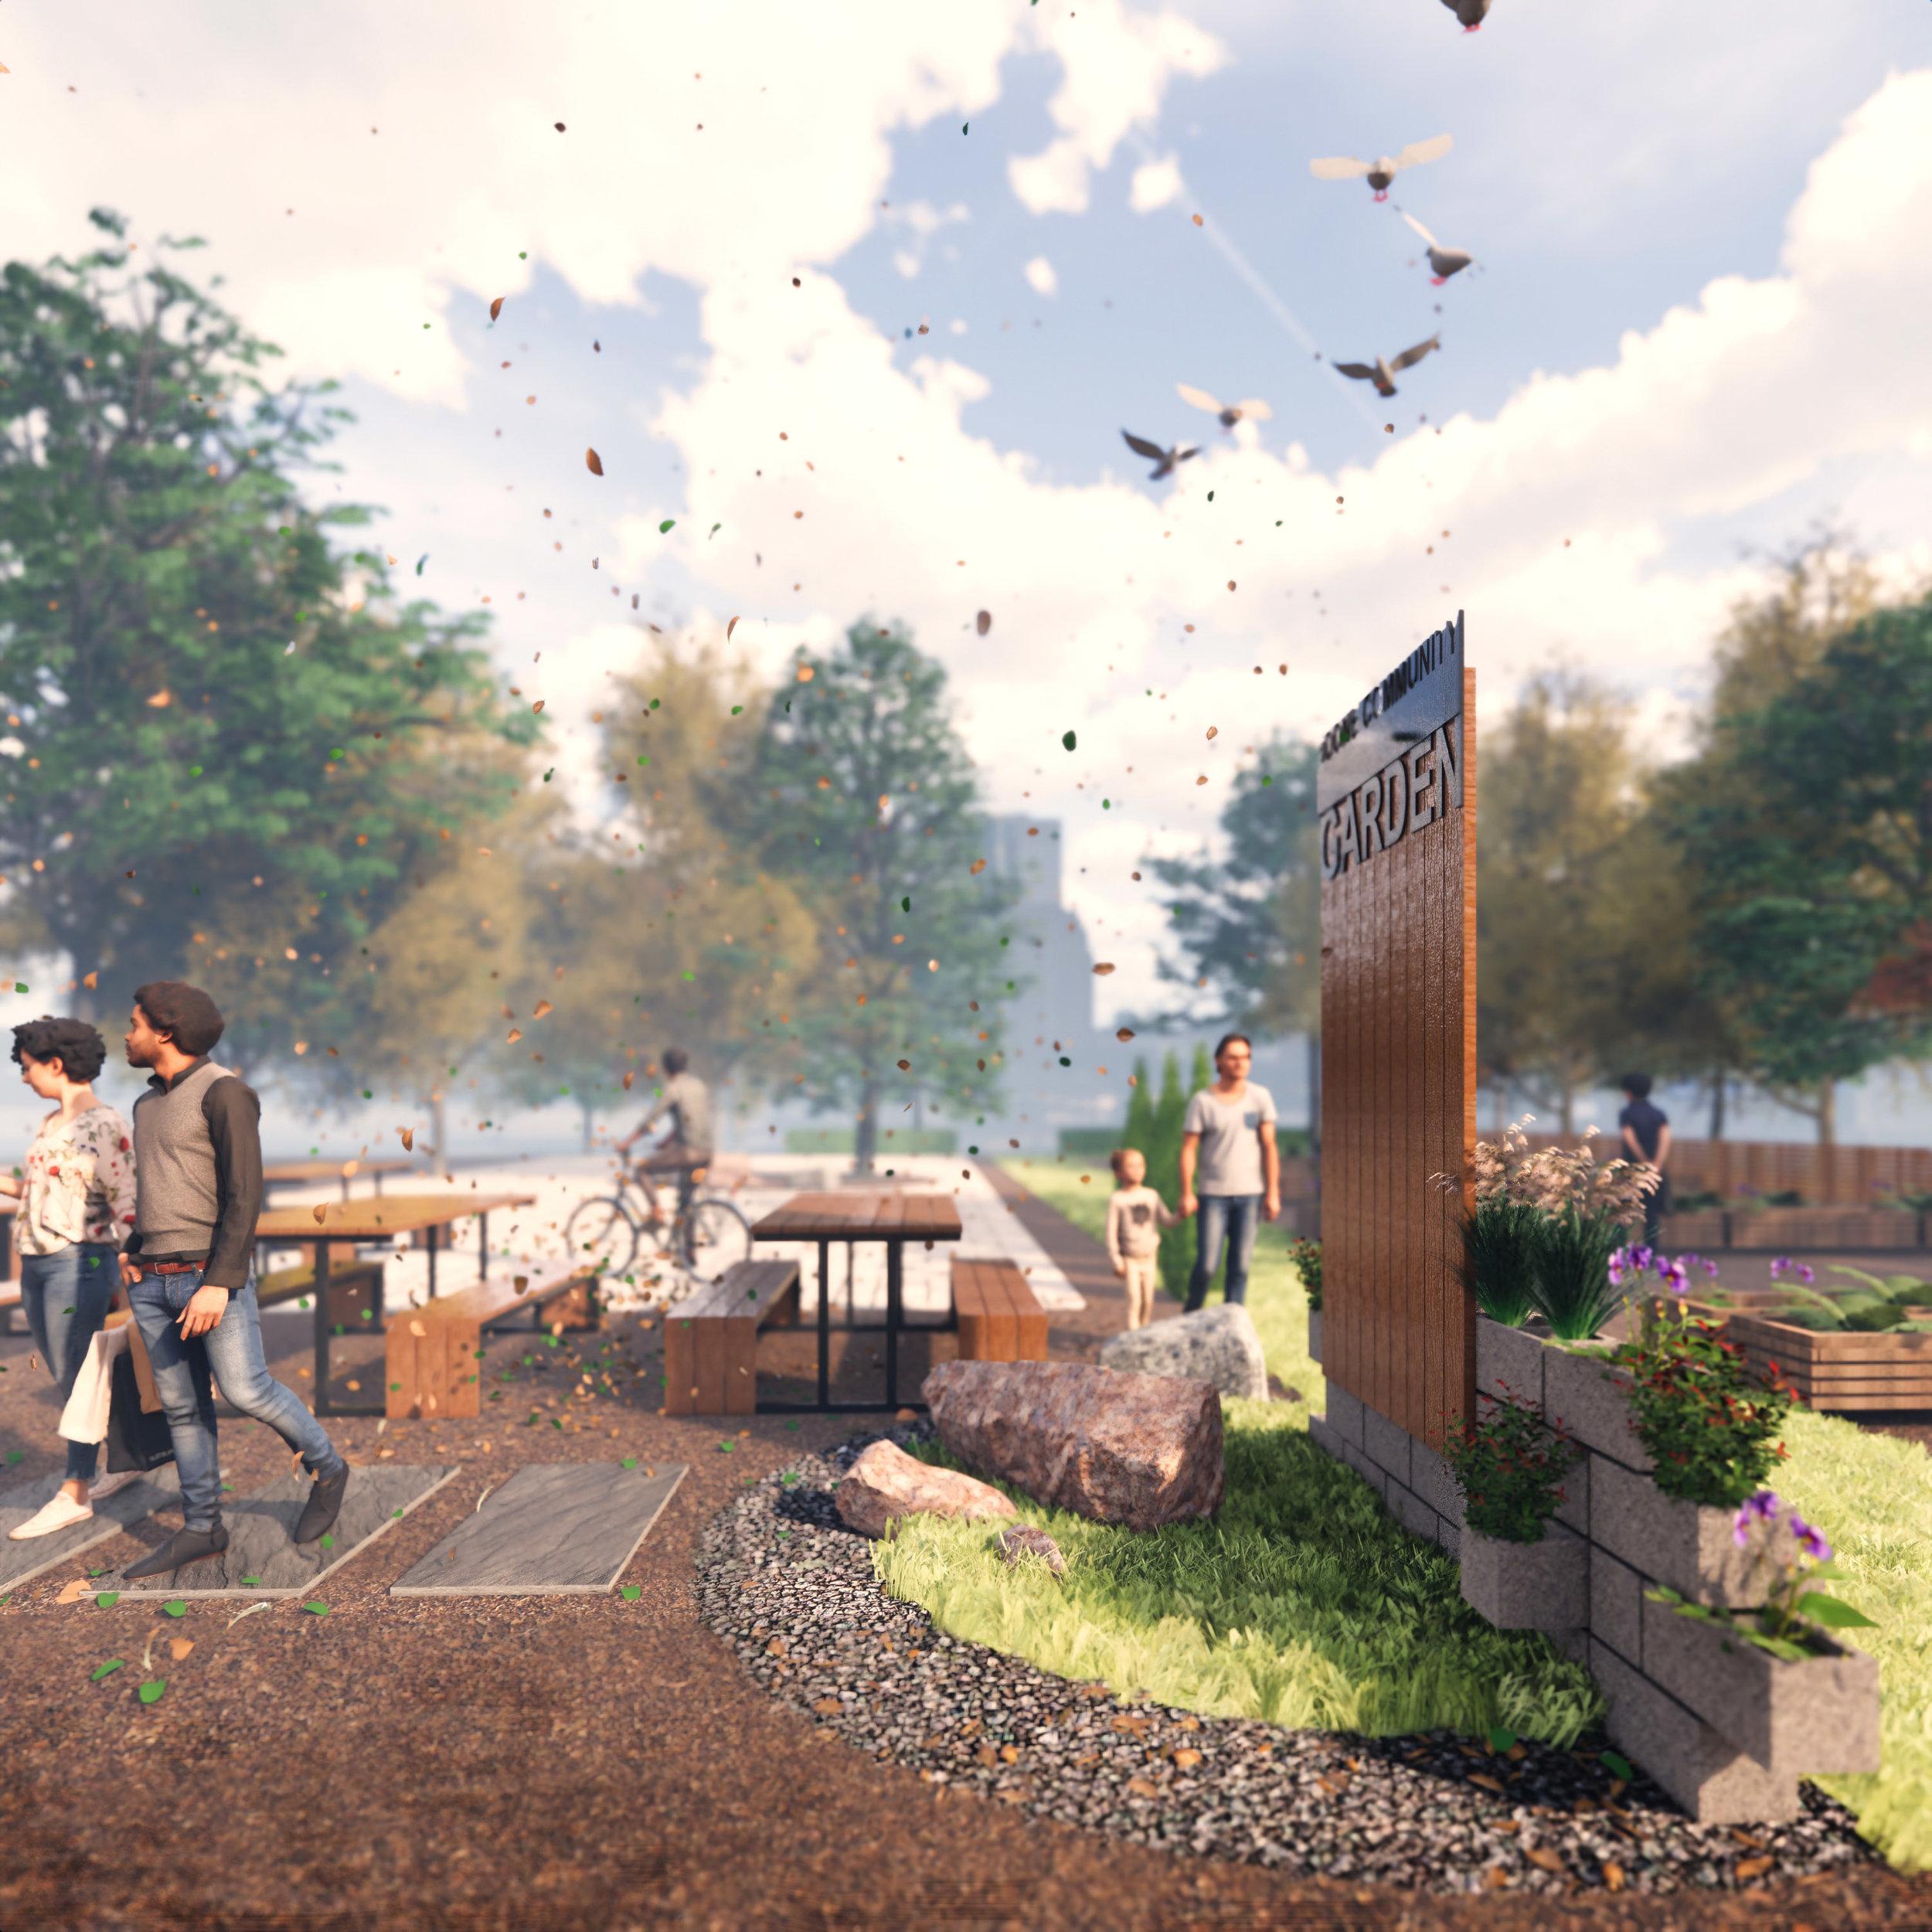 Urban Park.jpg